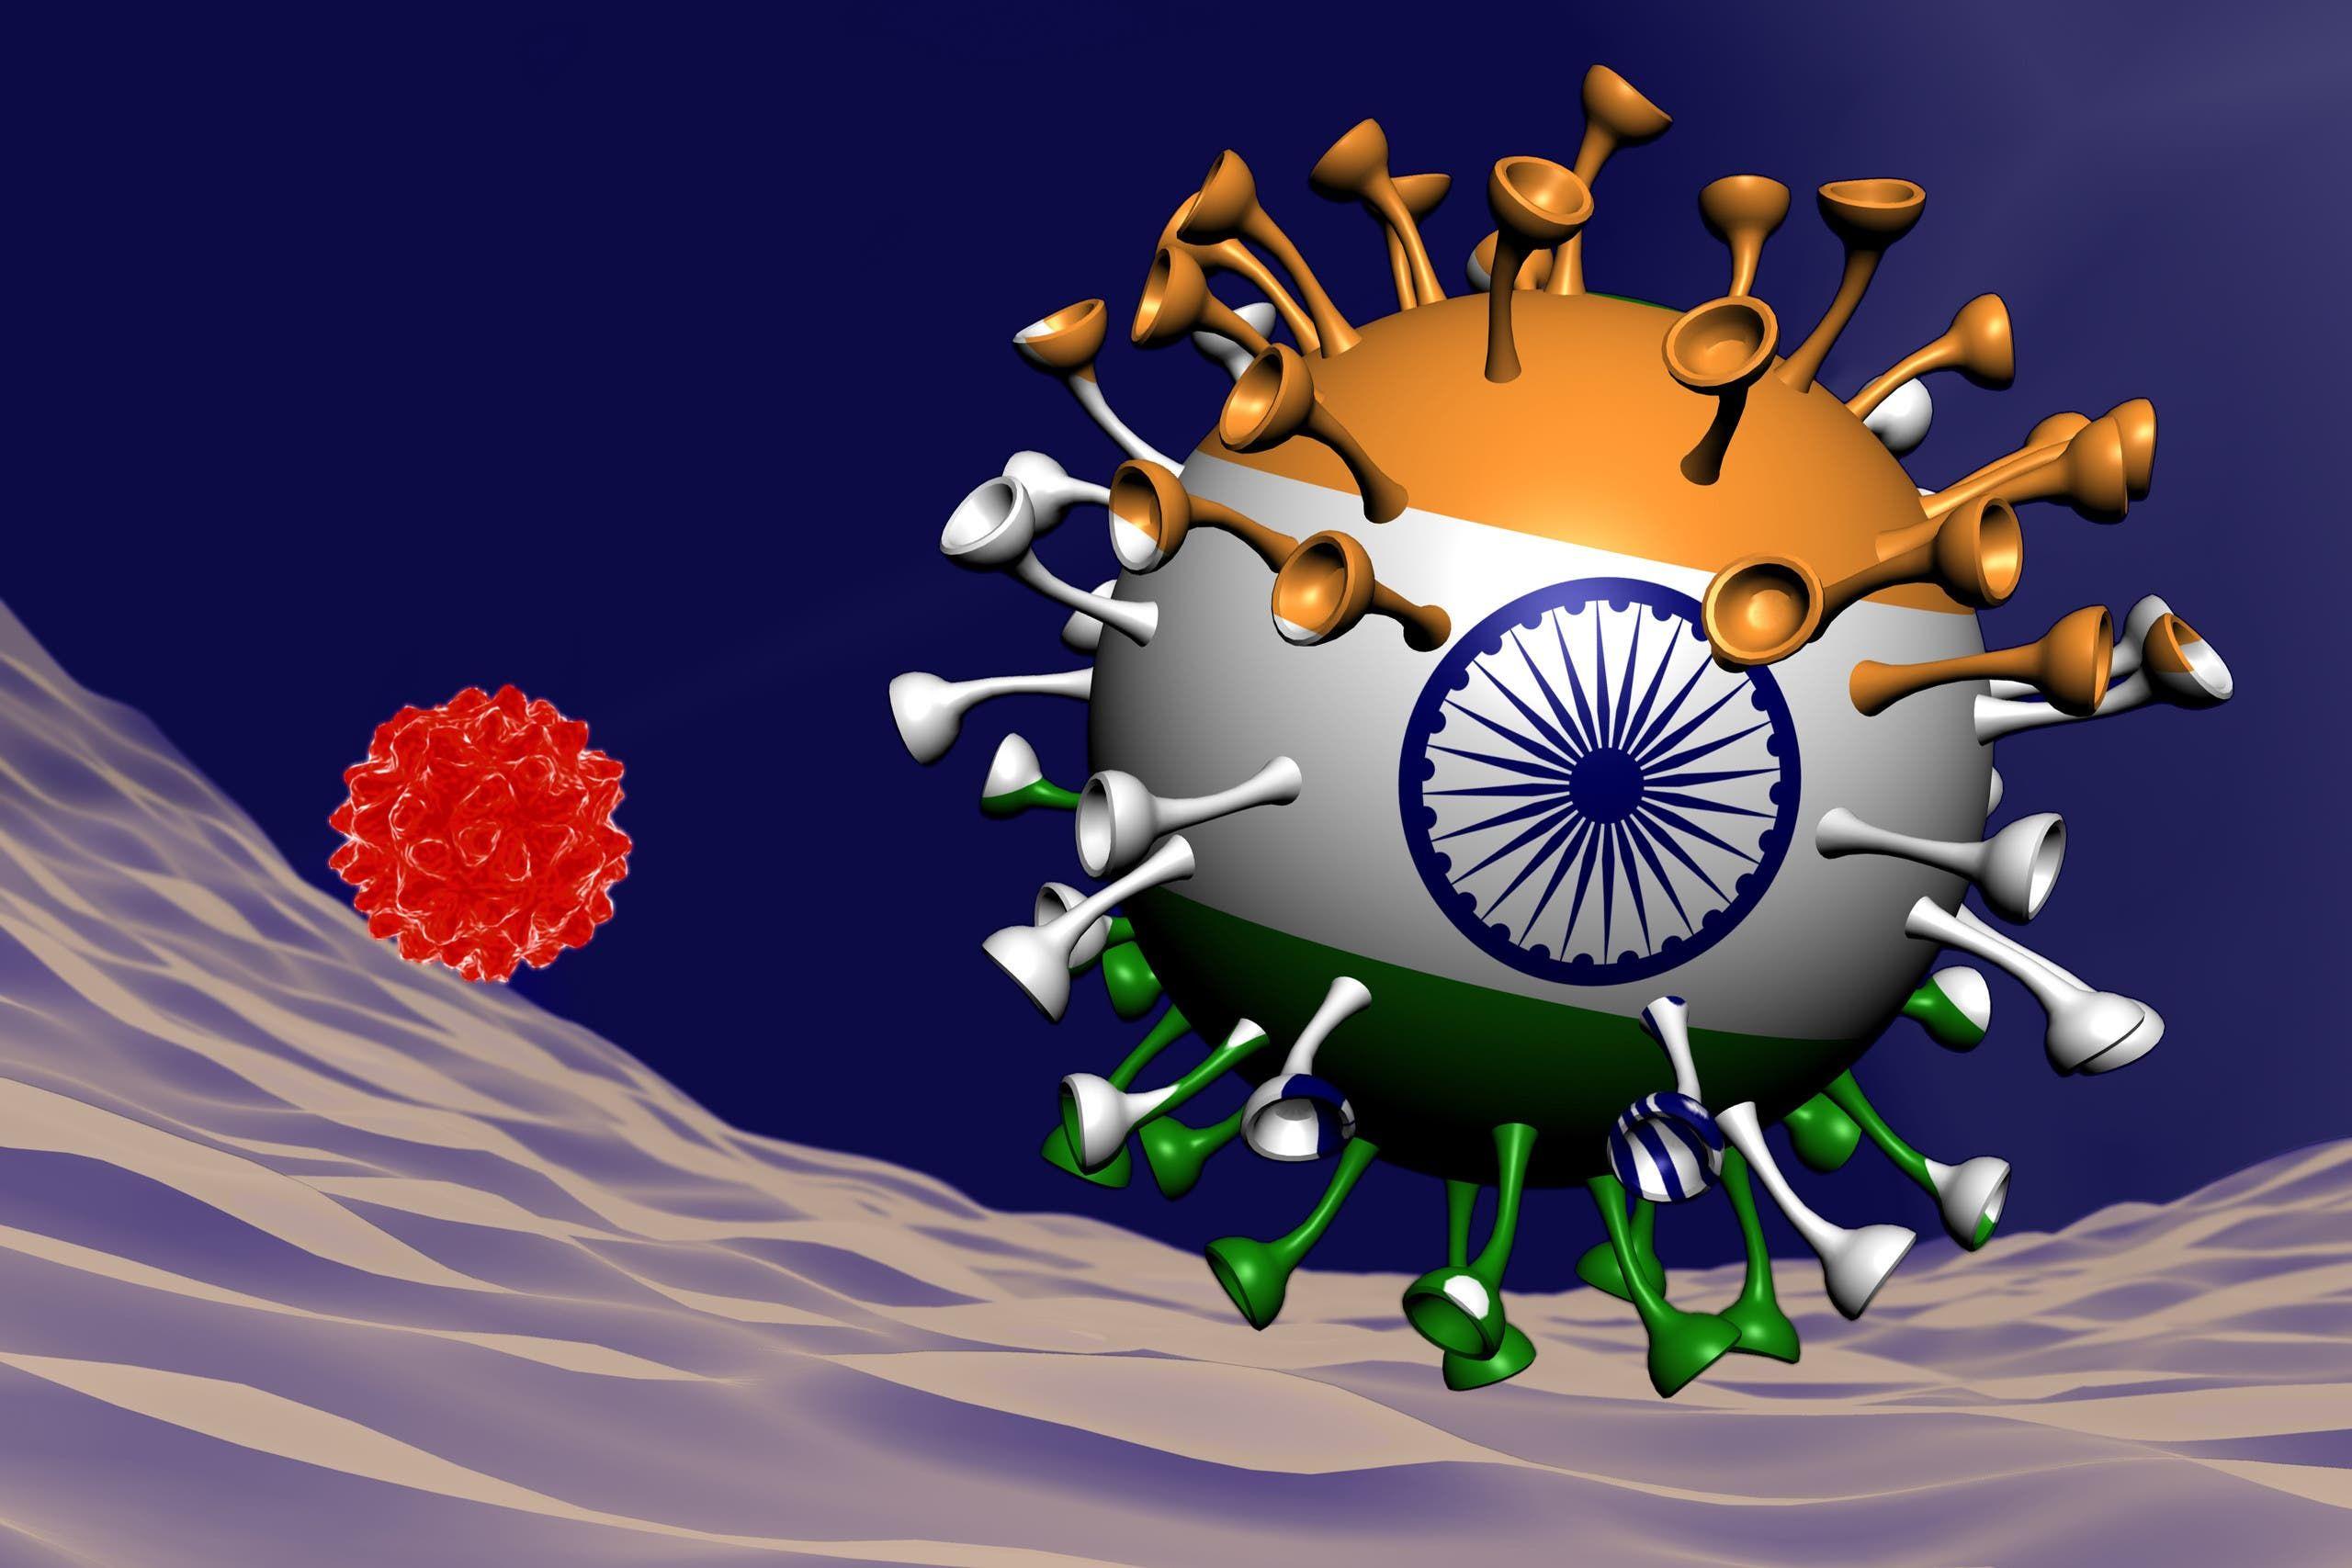 تعبيرية عن المتحور الهندي